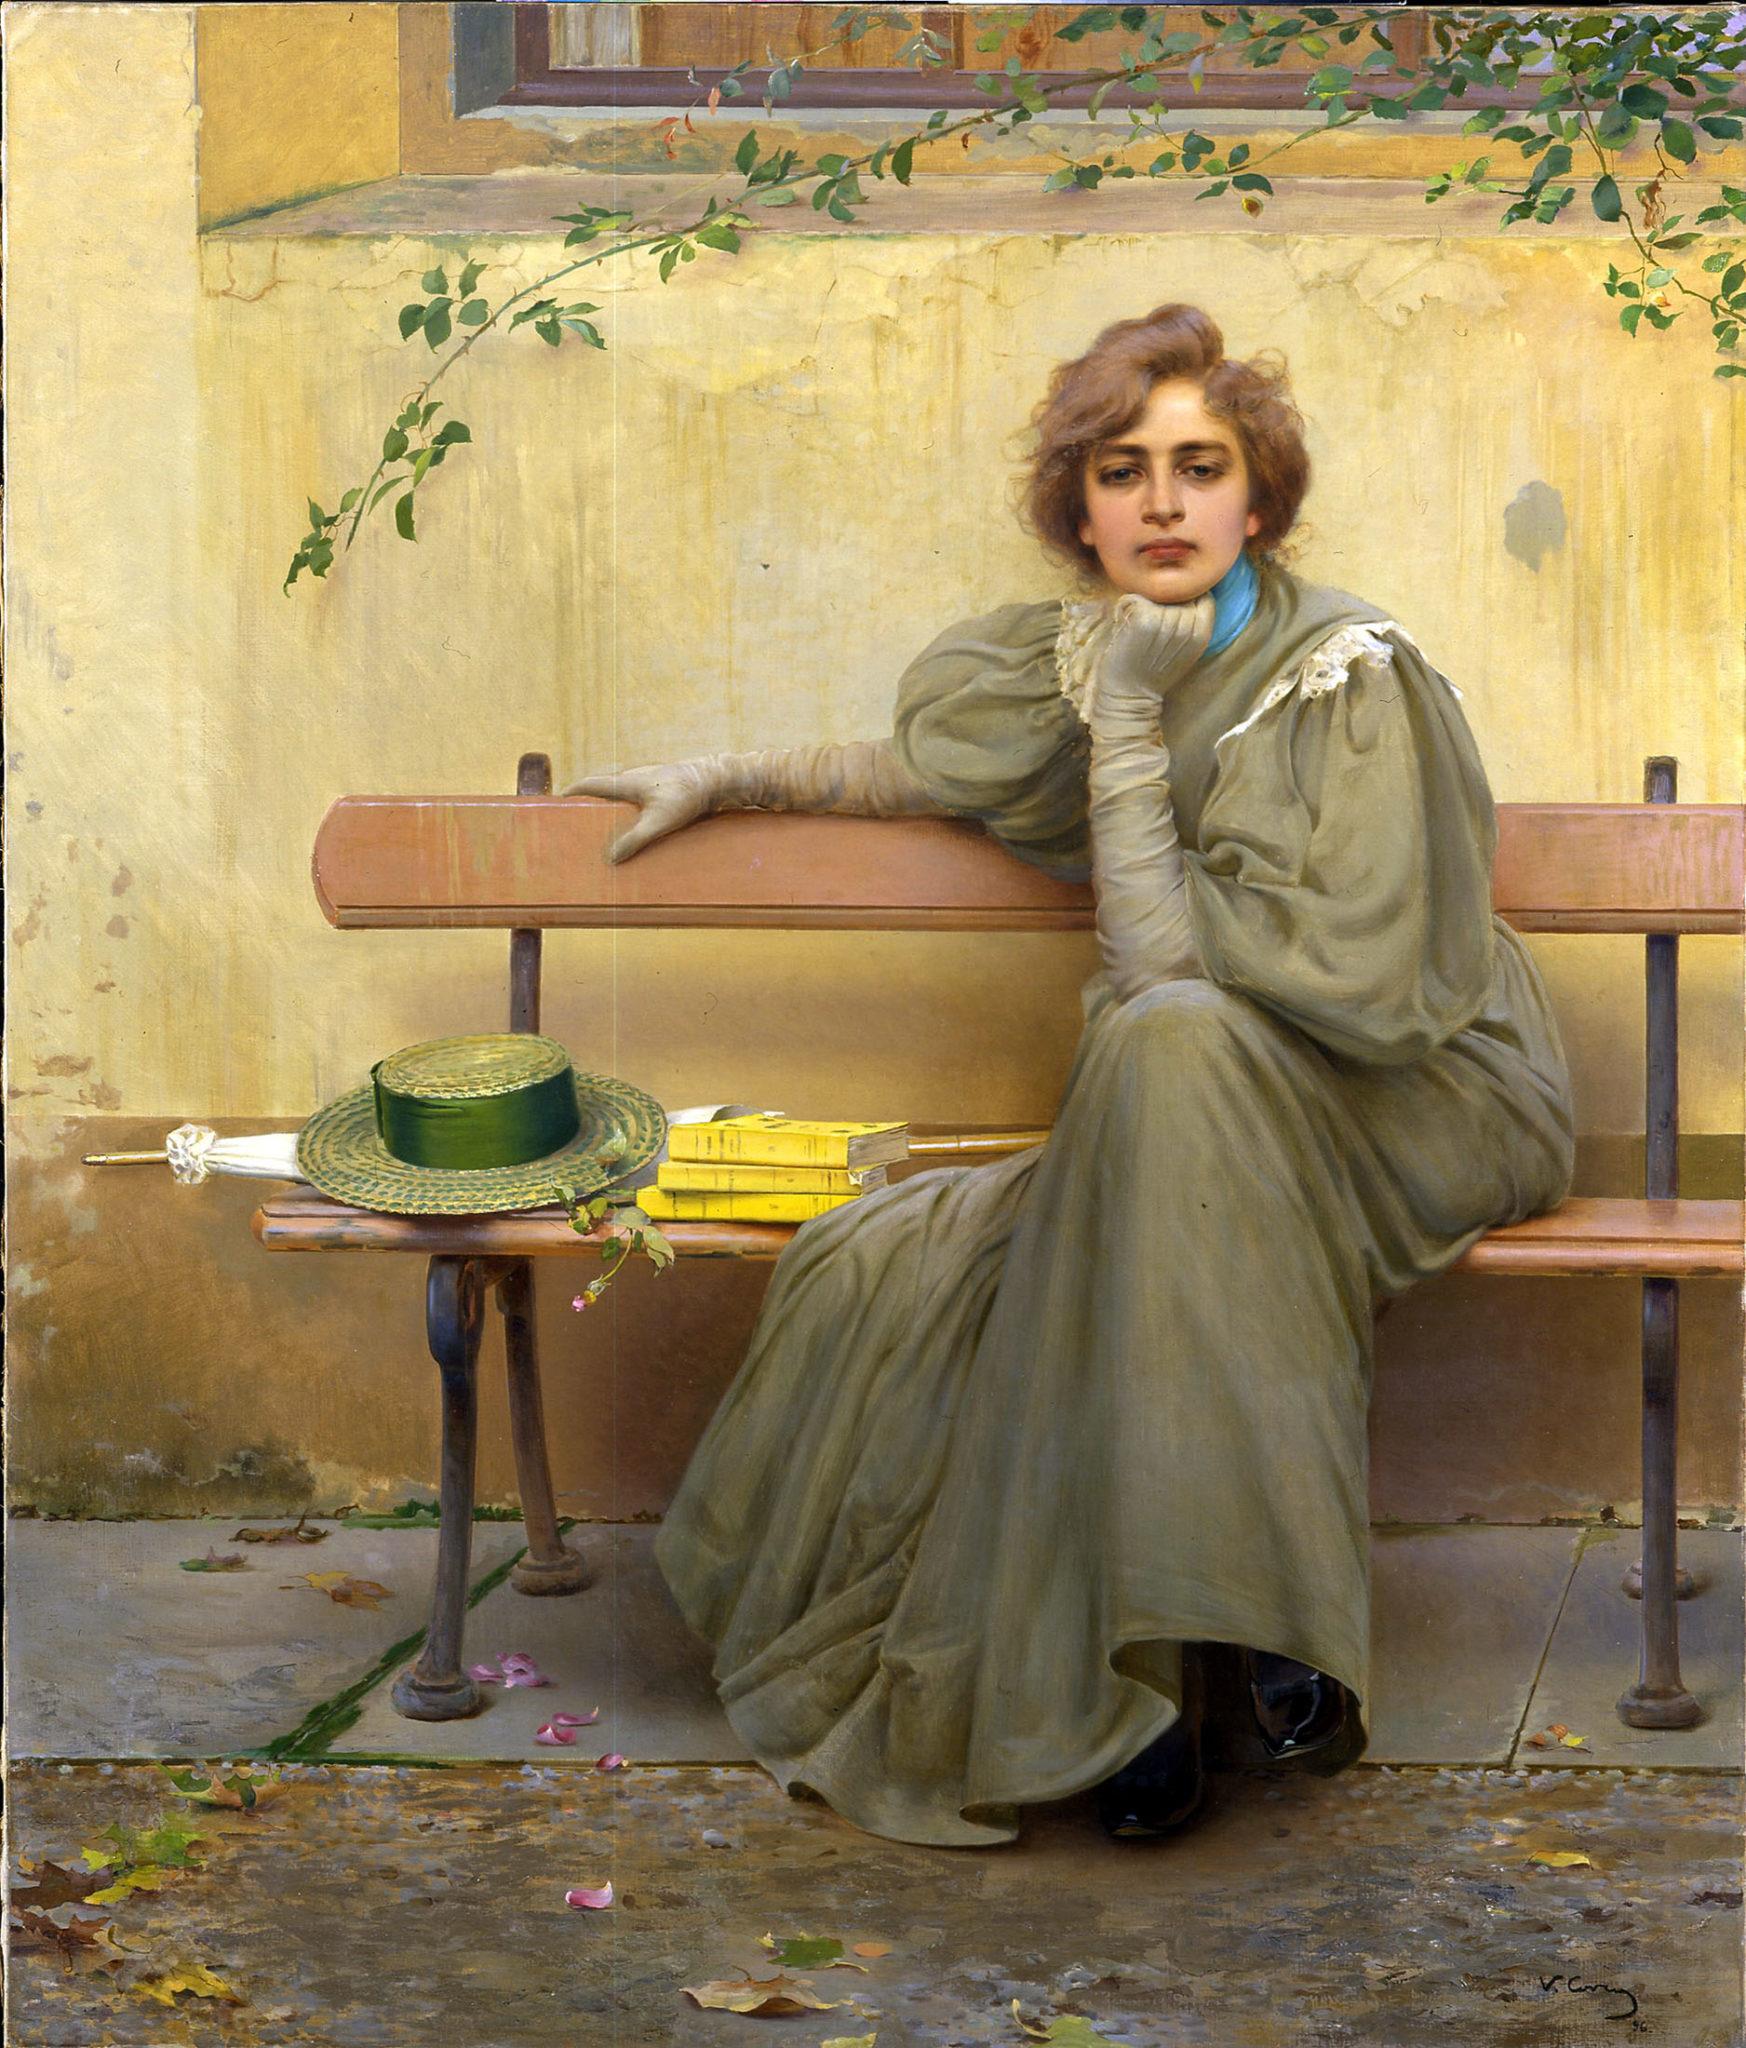 Corcos, Sogni, 1896, Galleria Nazionale d'Arte Moderna e Contemporanea di Roma